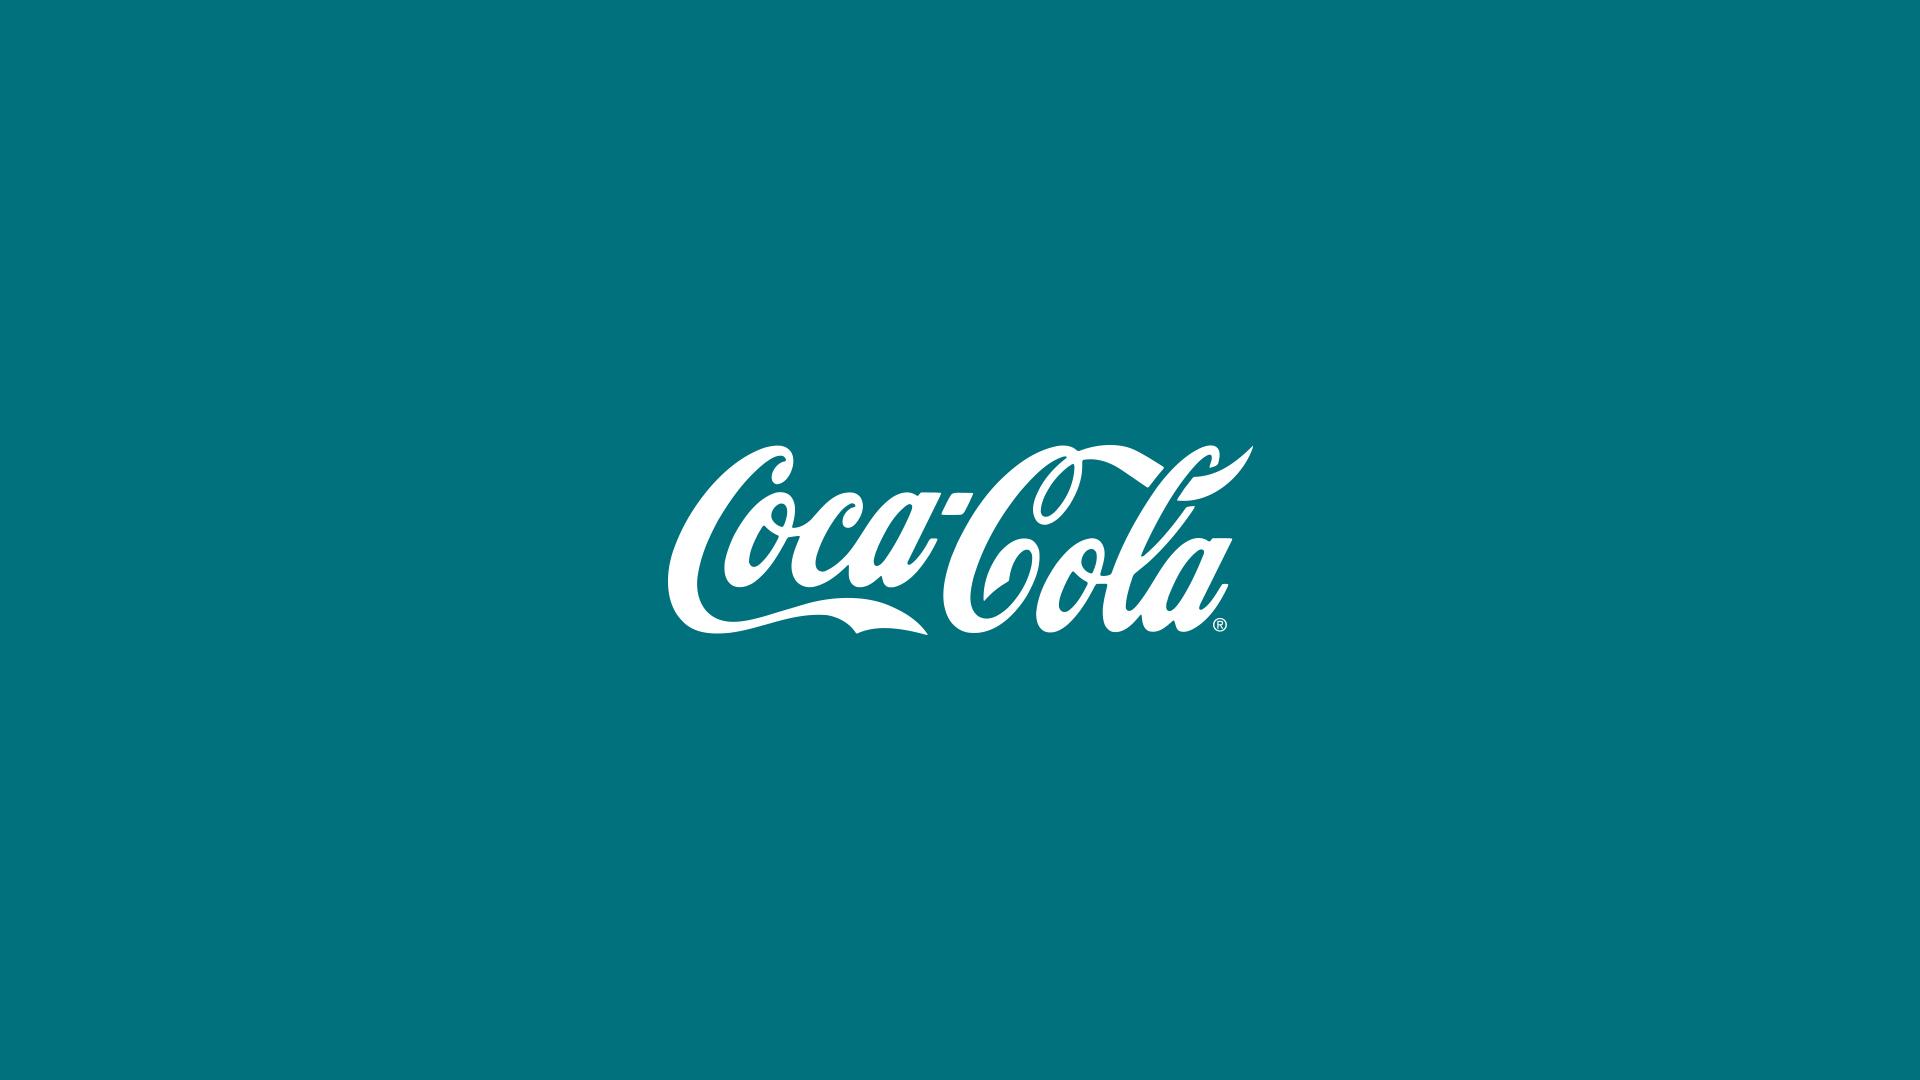 Logo de la marca Coca-Cola